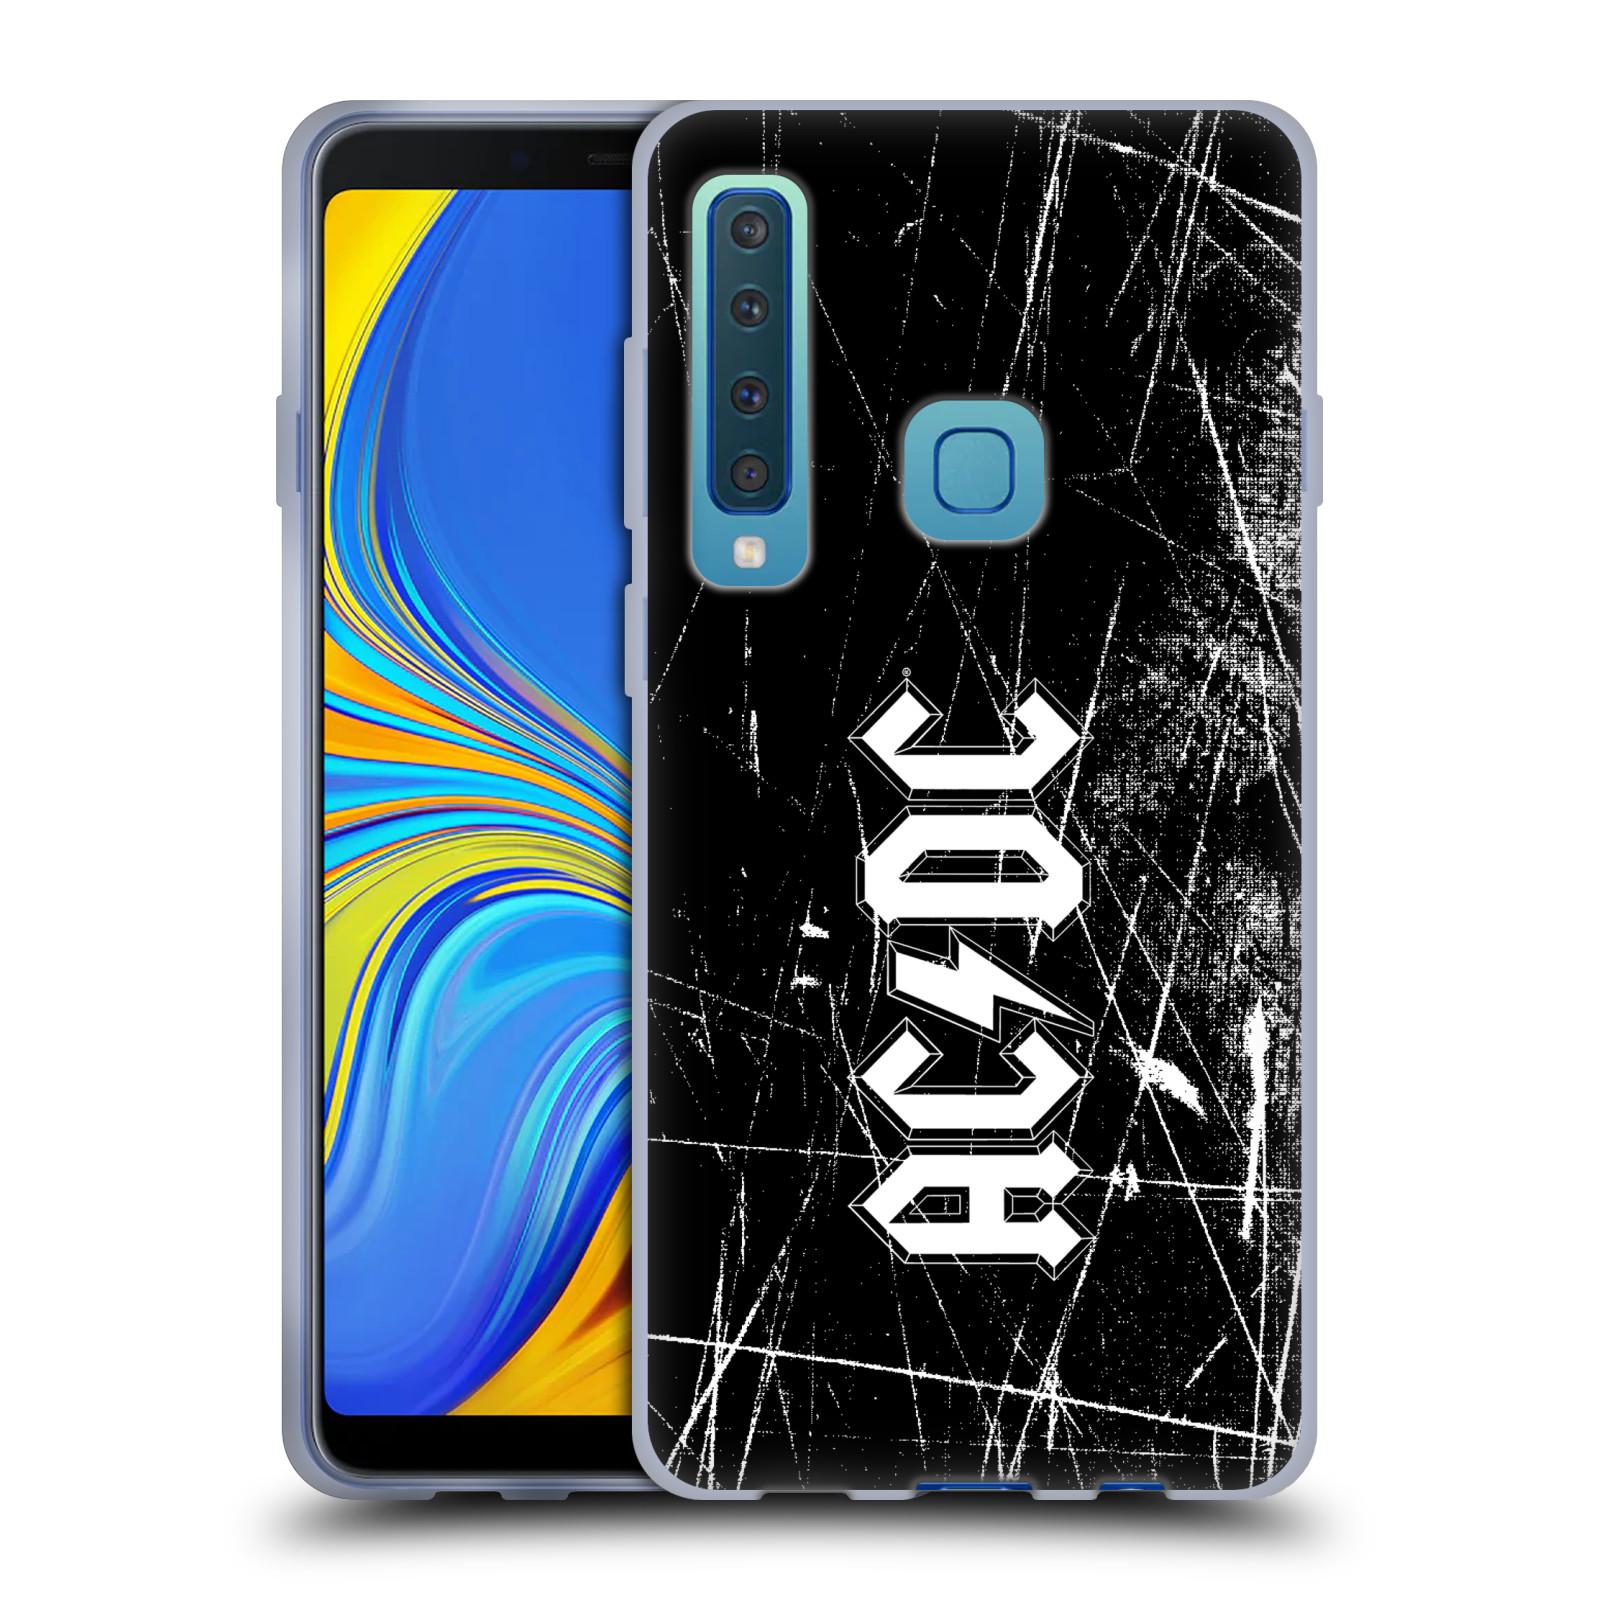 Silikonové pouzdro na mobil Samsung Galaxy A9 (2018) - Head Case - AC/DC Černobílé logo